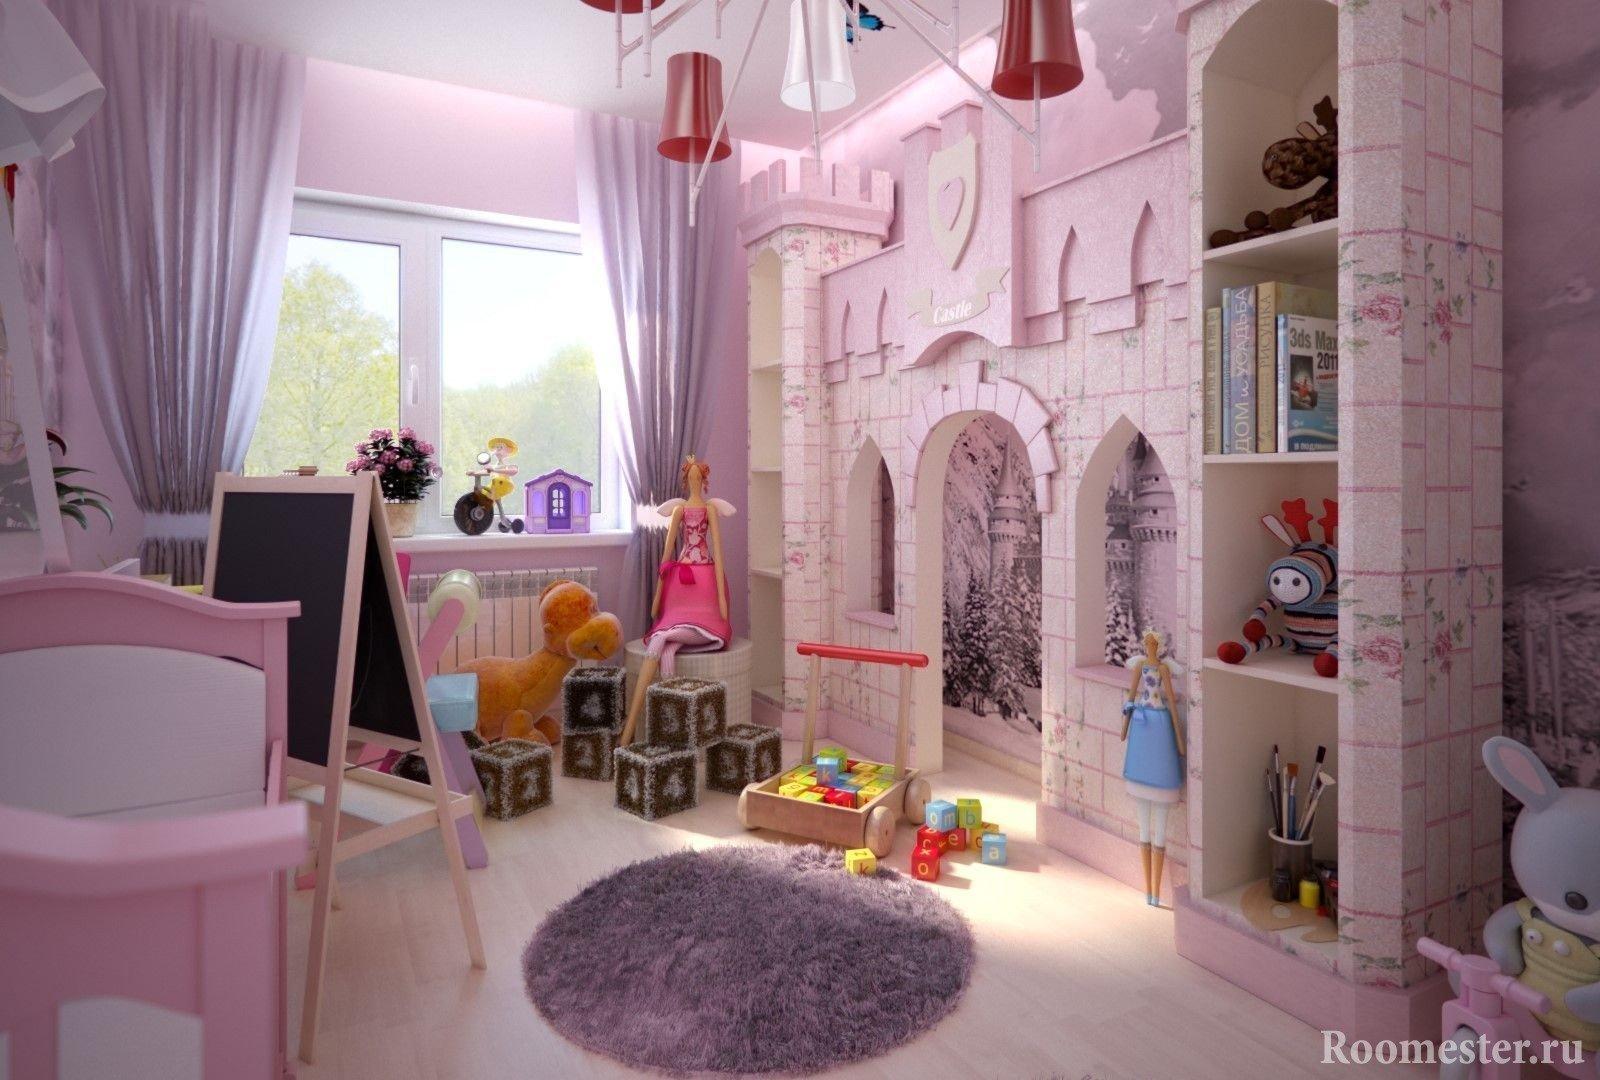 Кровать для девочки 3-10 лет (60 реальных фото): современные варианты